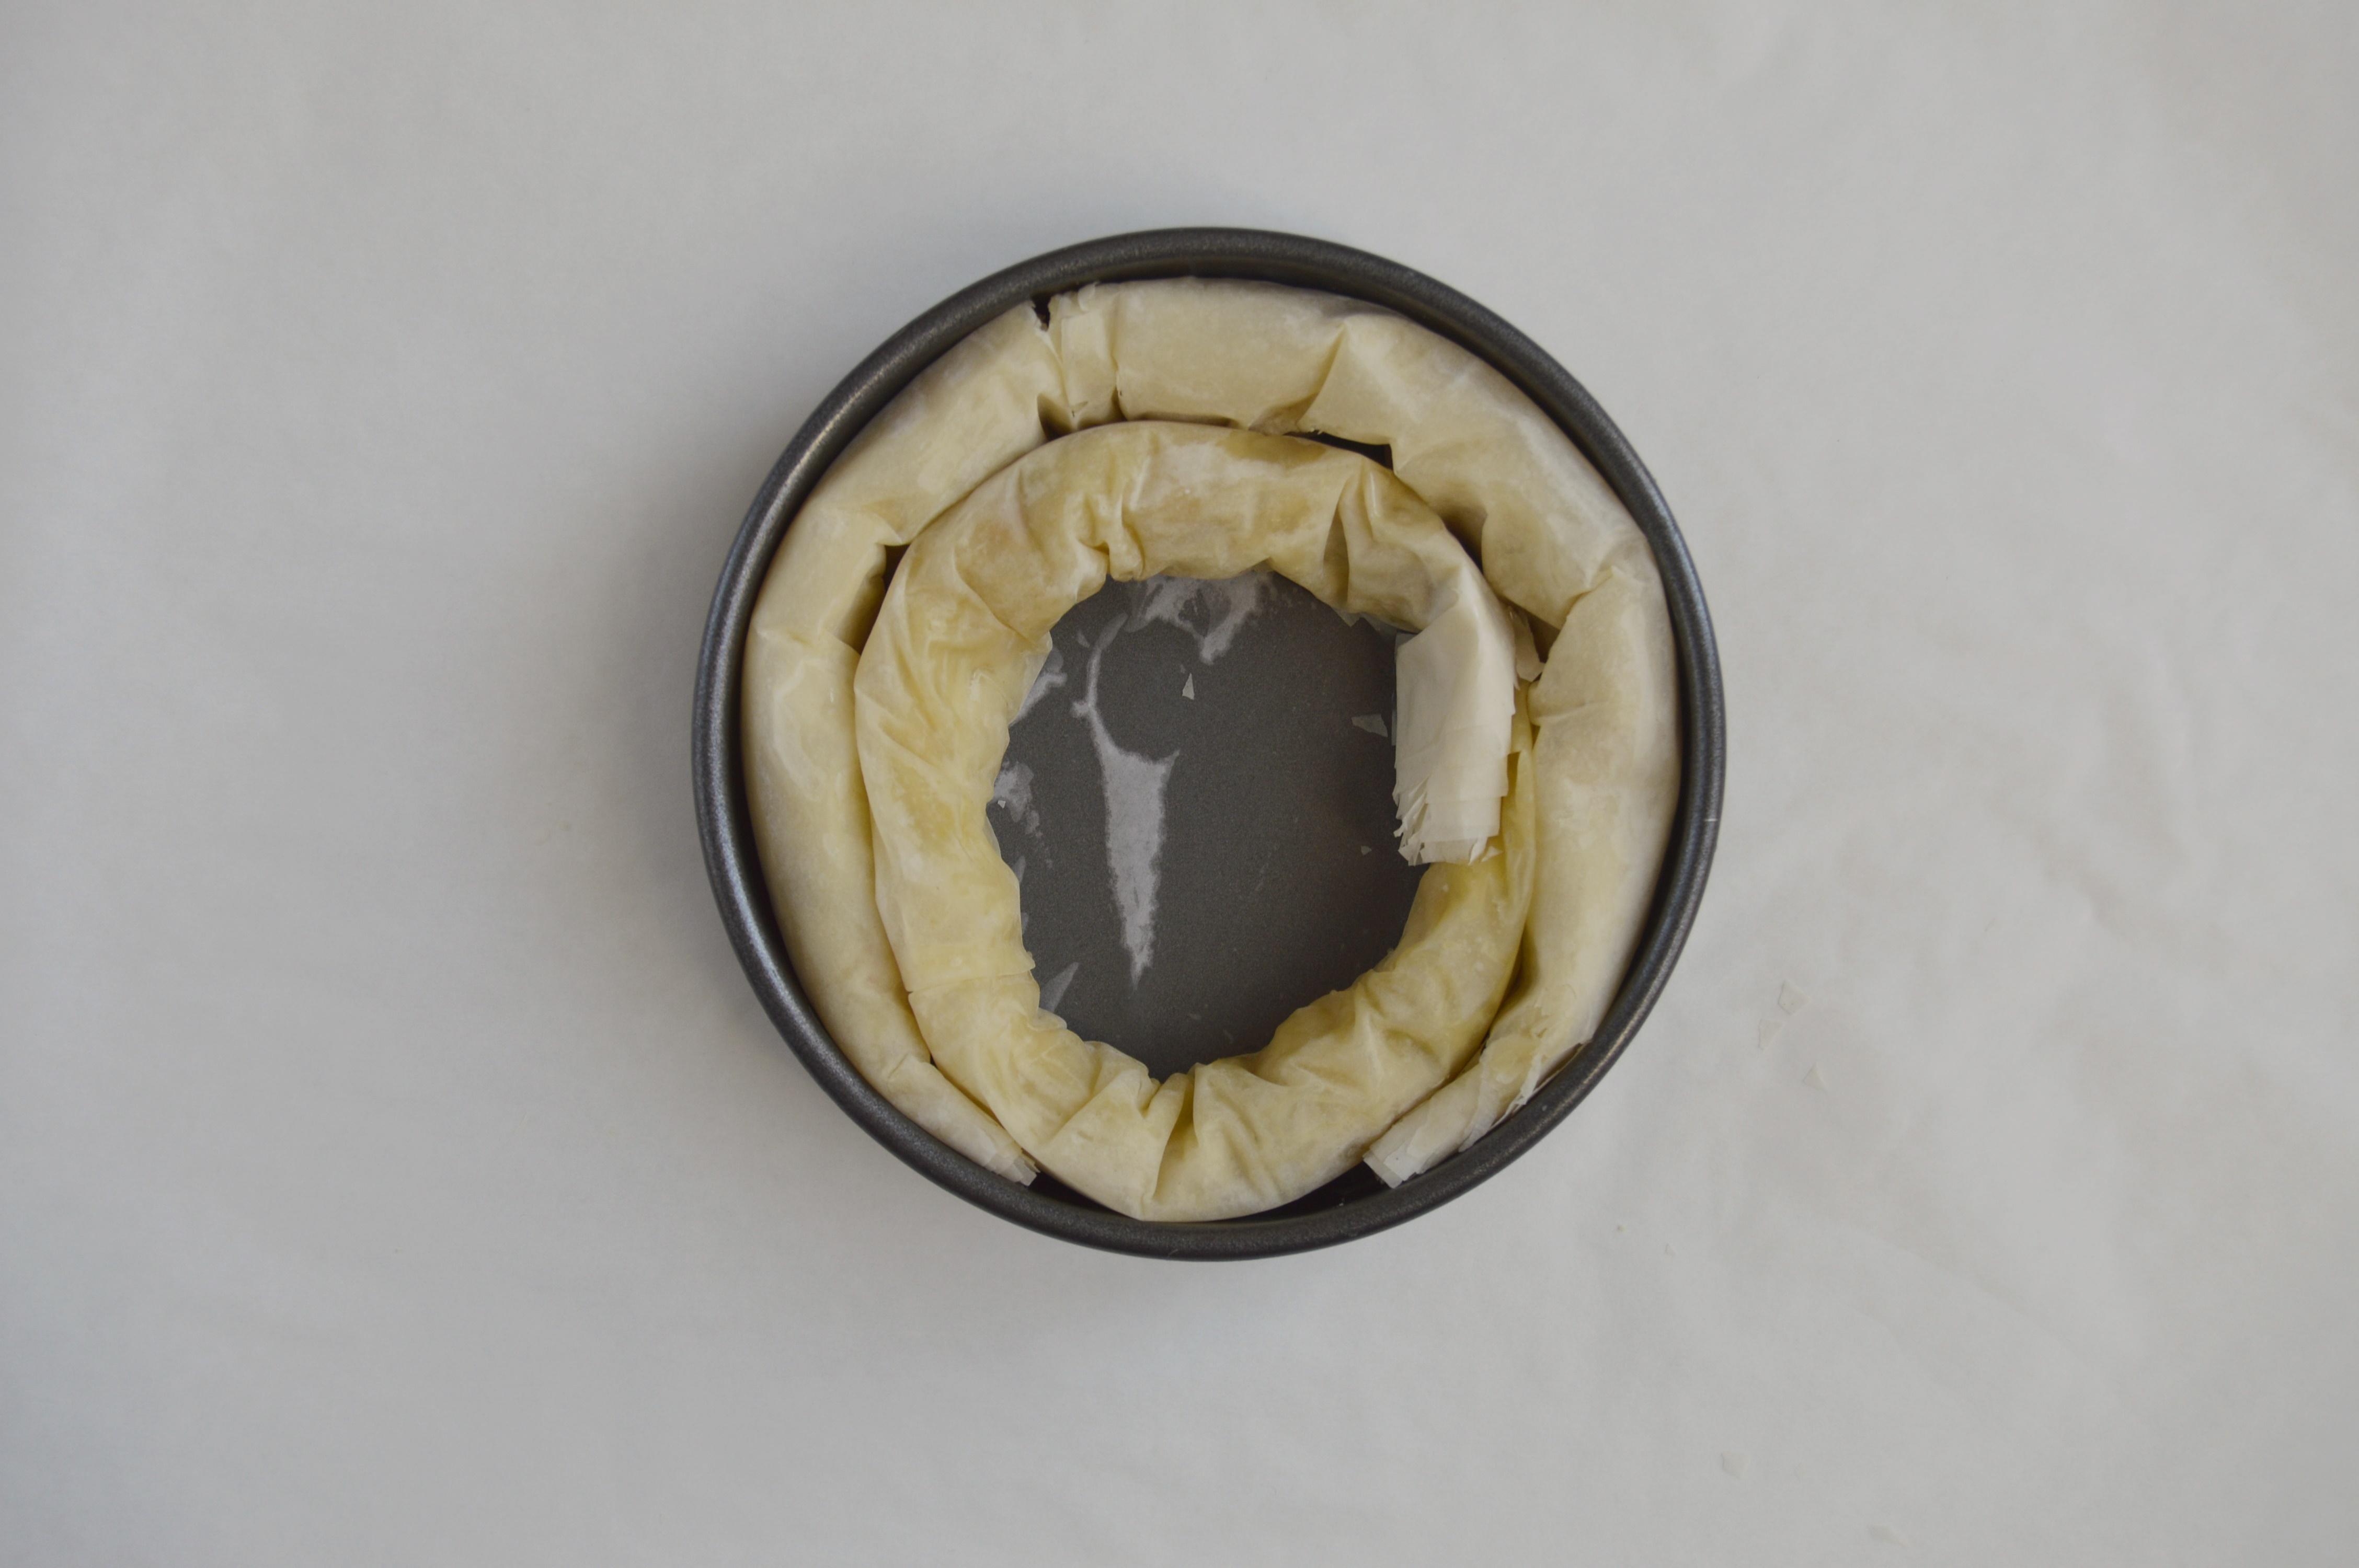 Poniendo el baklava de lacasitos en el molde 2. Aroma de chocolate